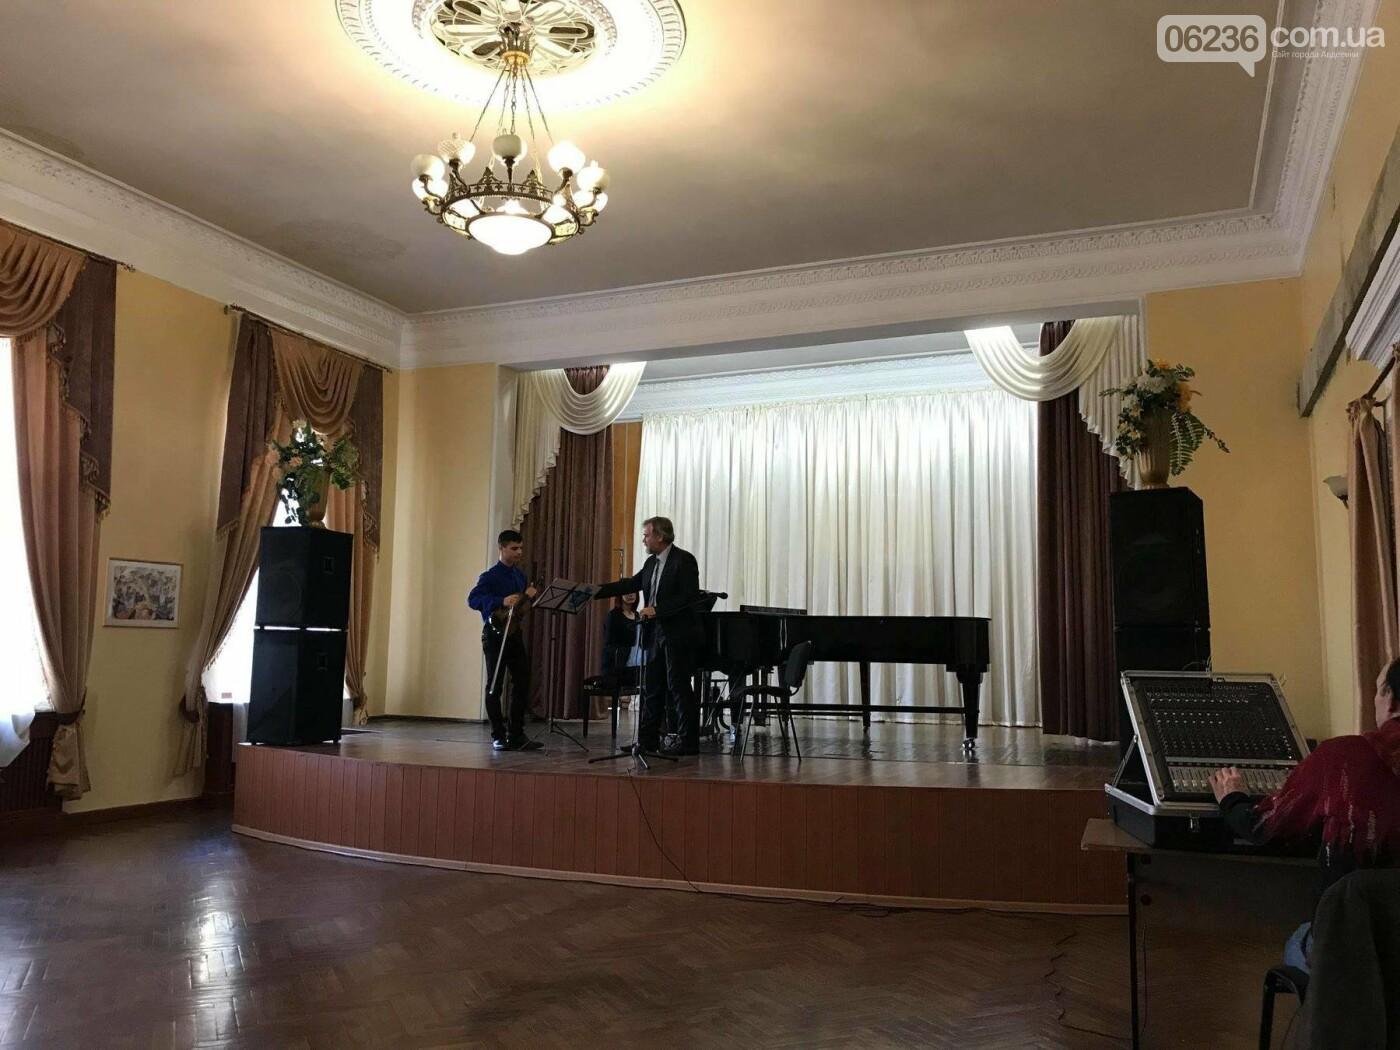 Преподаватели авдеевской музыкальной школы изучали новые методы работы в Мариуполе (ФОТО), фото-3